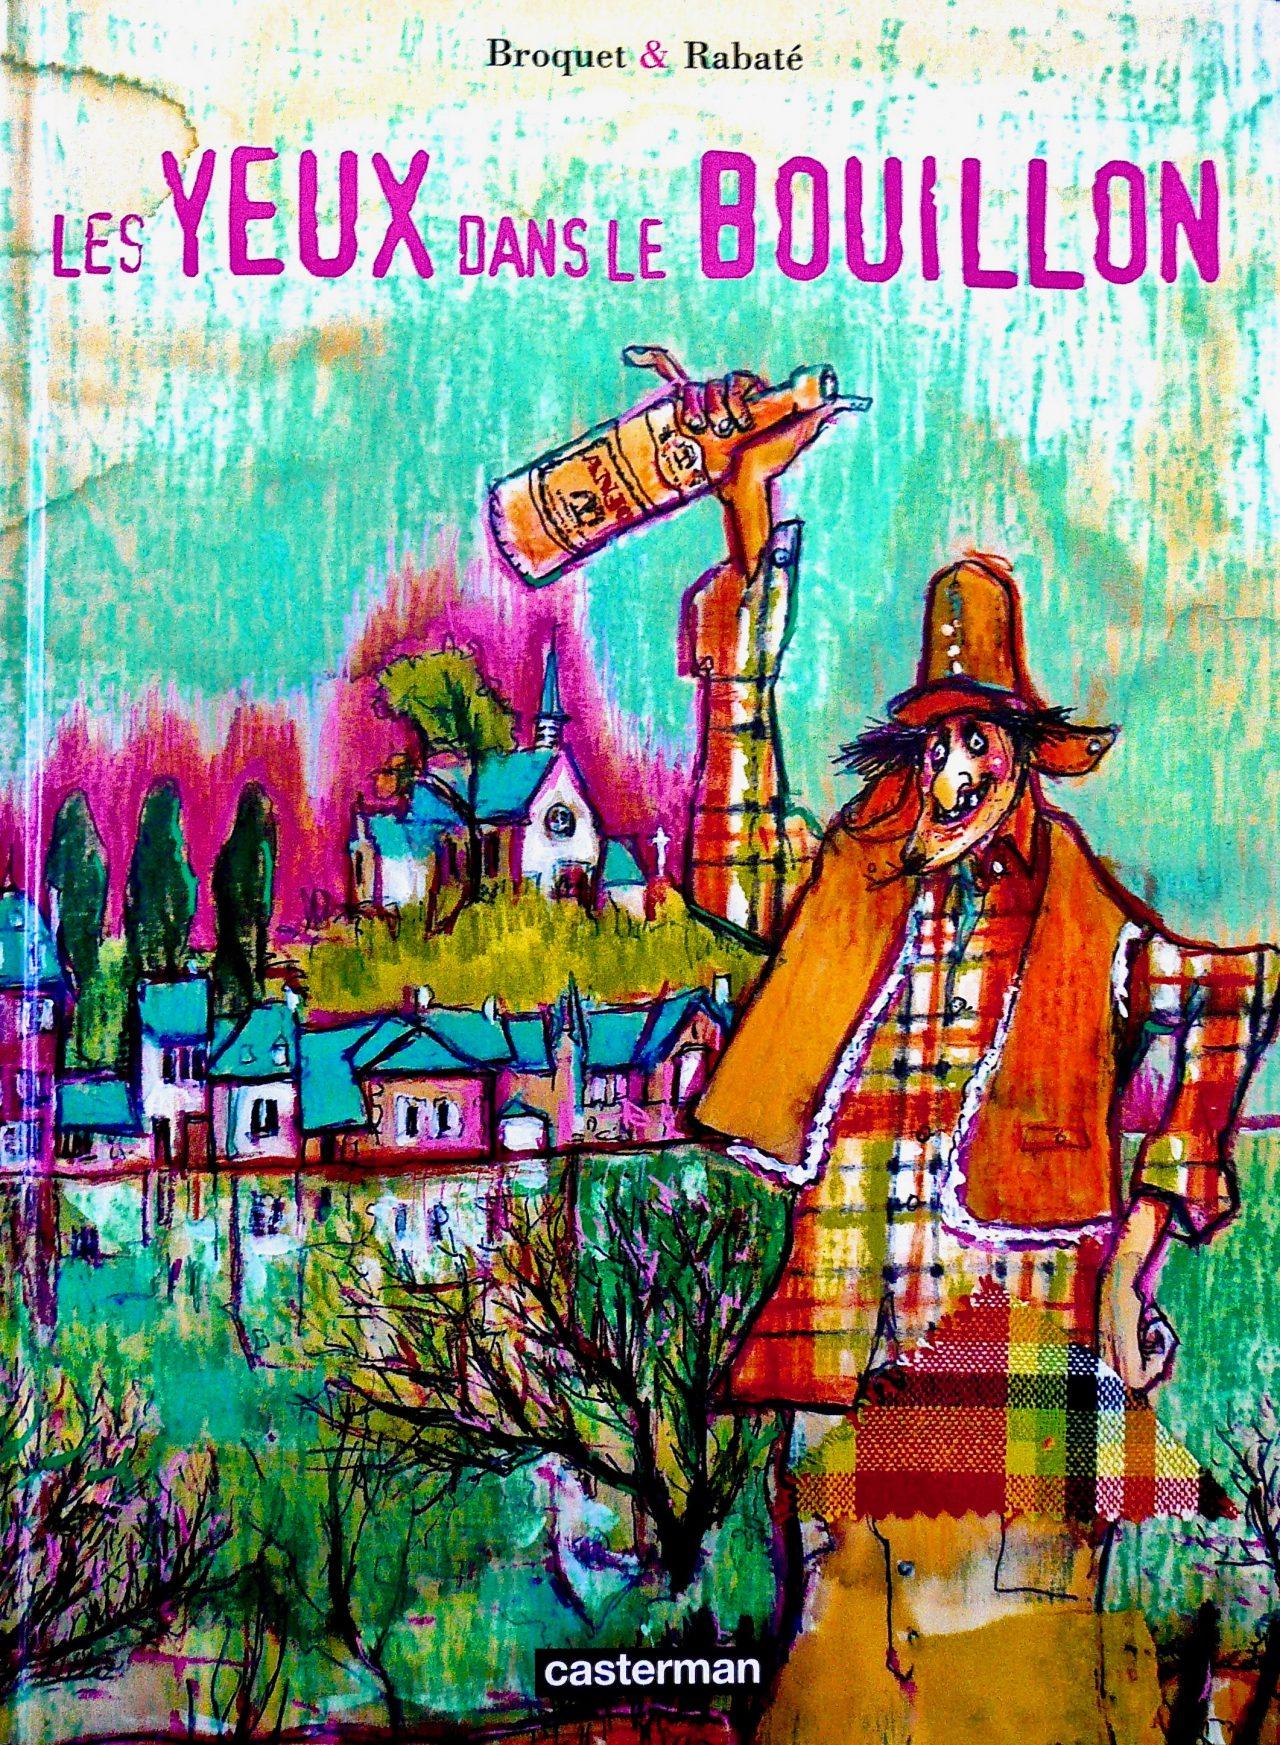 8 Les yeux dans le bouillon, éditions Casterman, 2000